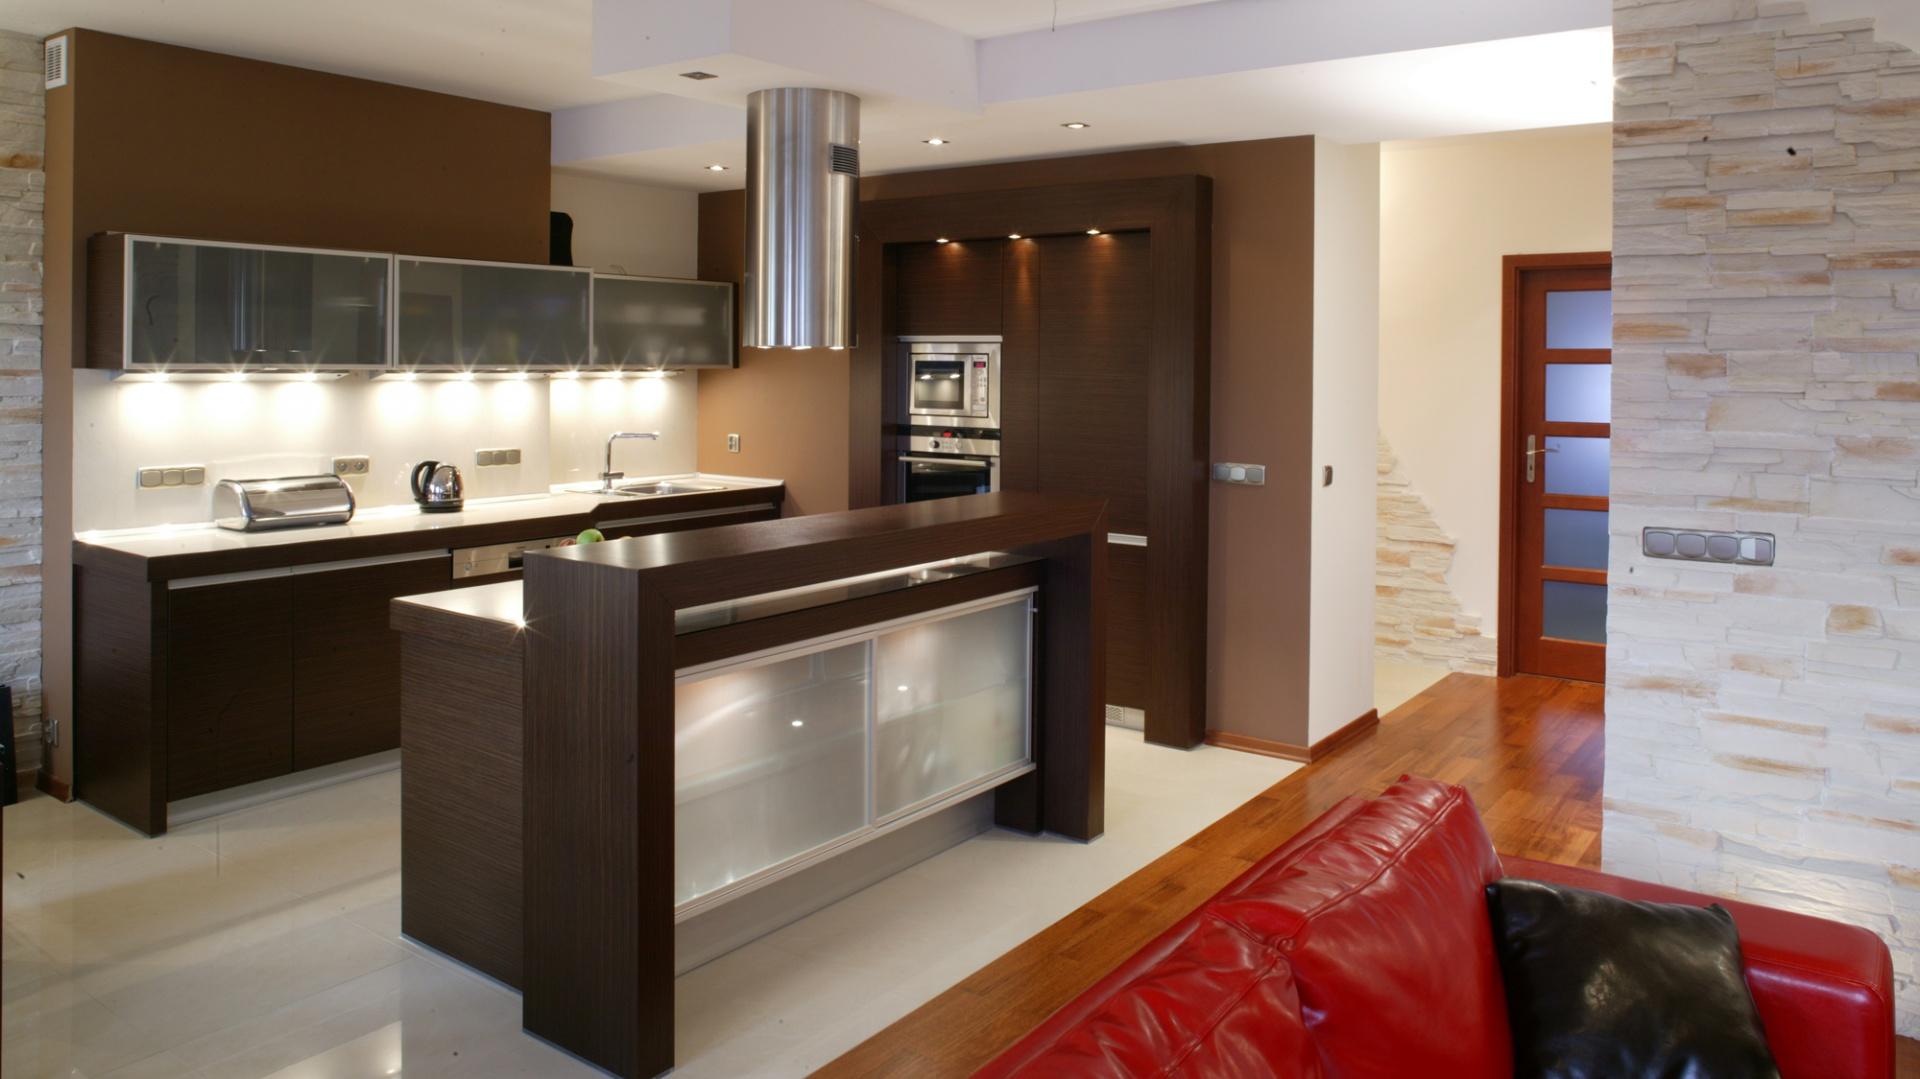 widok na kuchnię i salon od meble kuchenne w kolorze